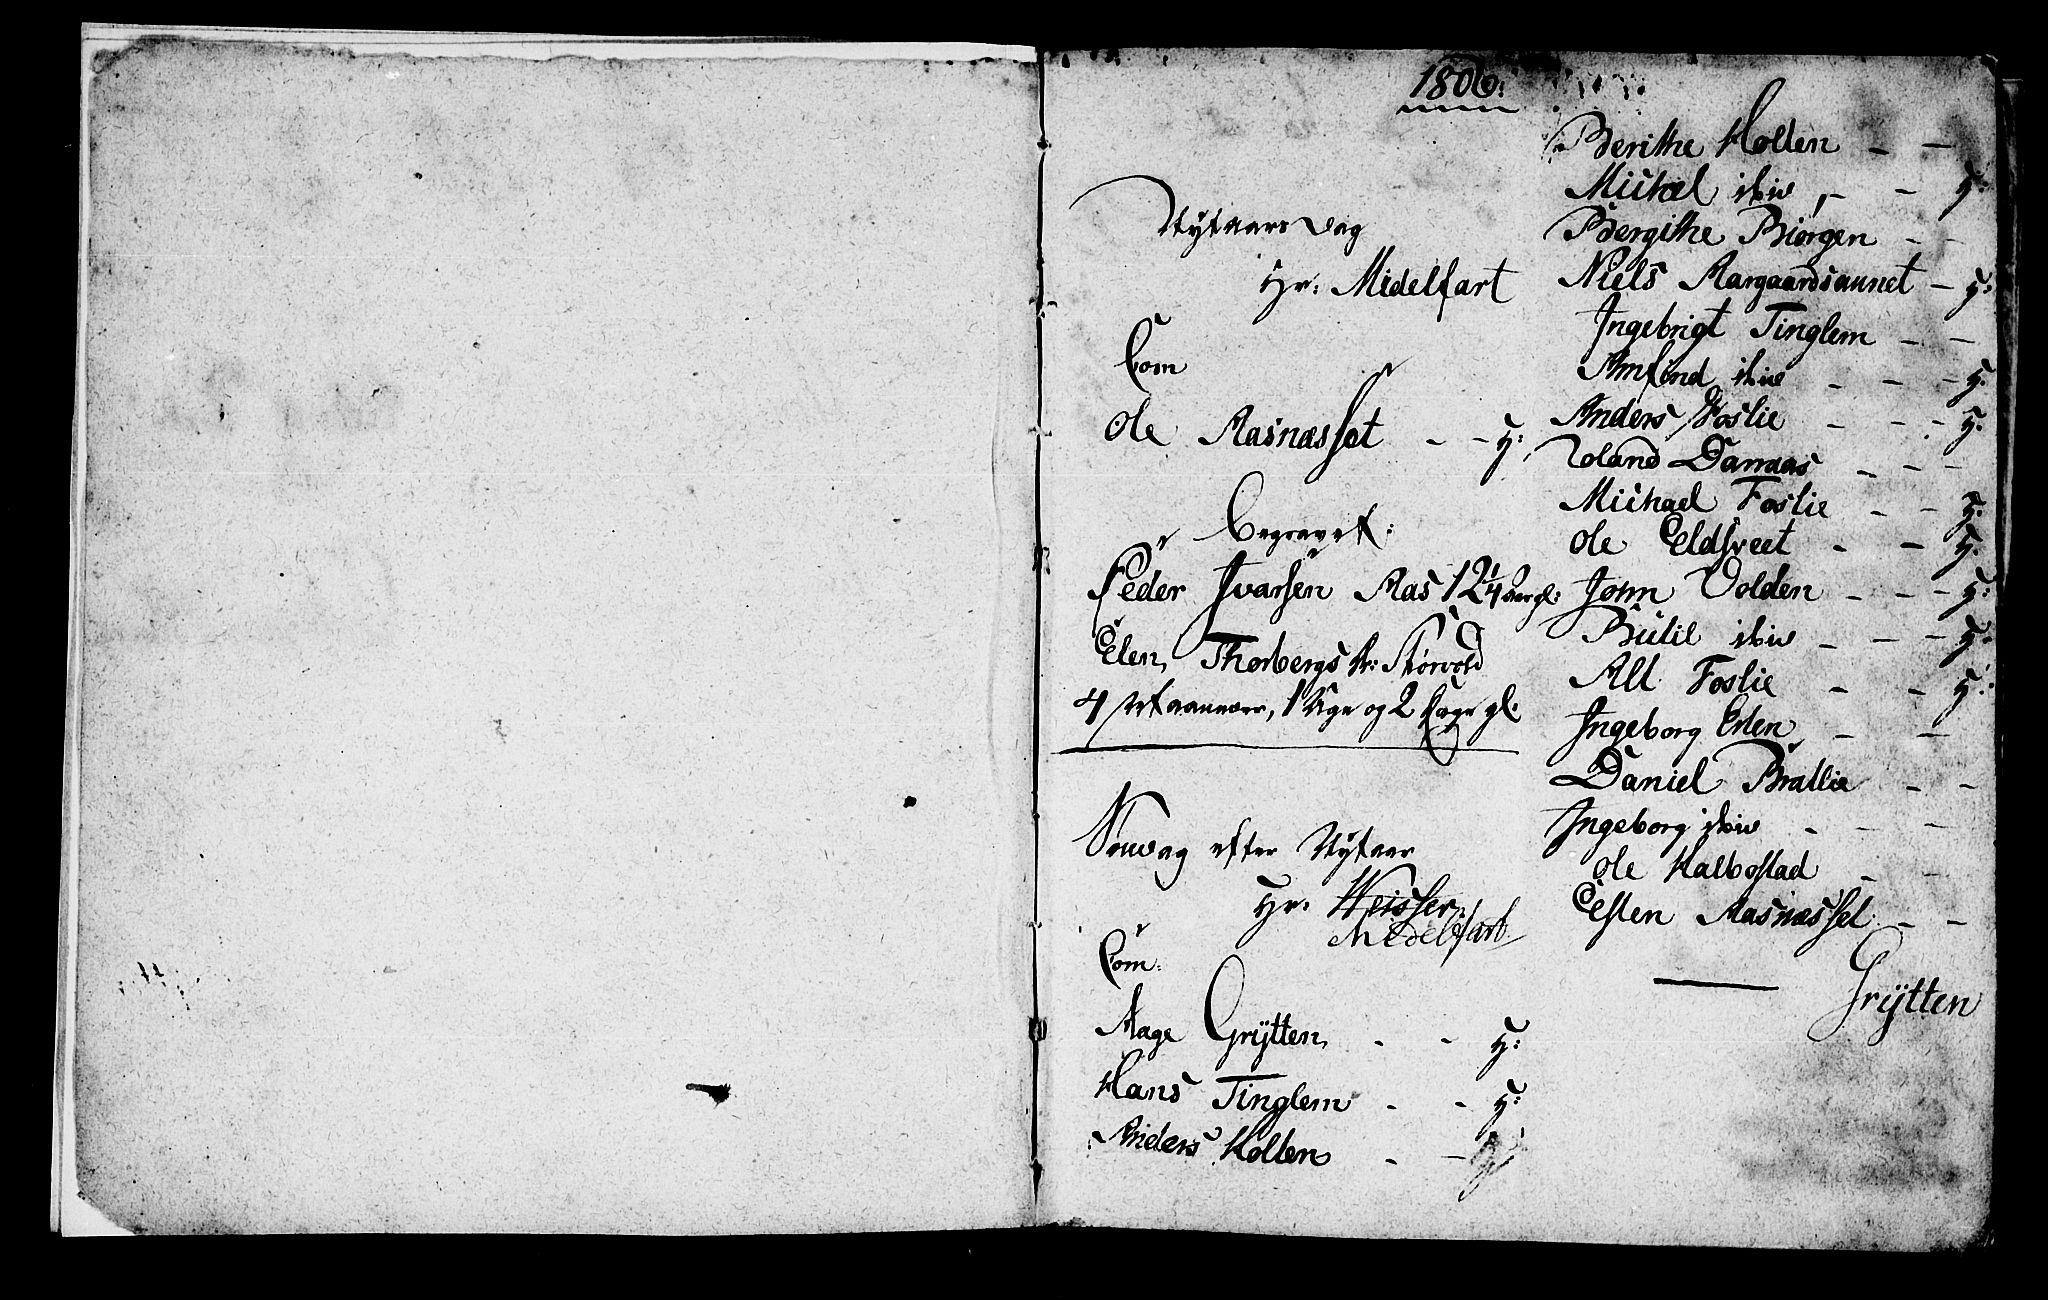 SAT, Ministerialprotokoller, klokkerbøker og fødselsregistre - Nord-Trøndelag, 742/L0410: Klokkerbok nr. 742C01, 1806-1821